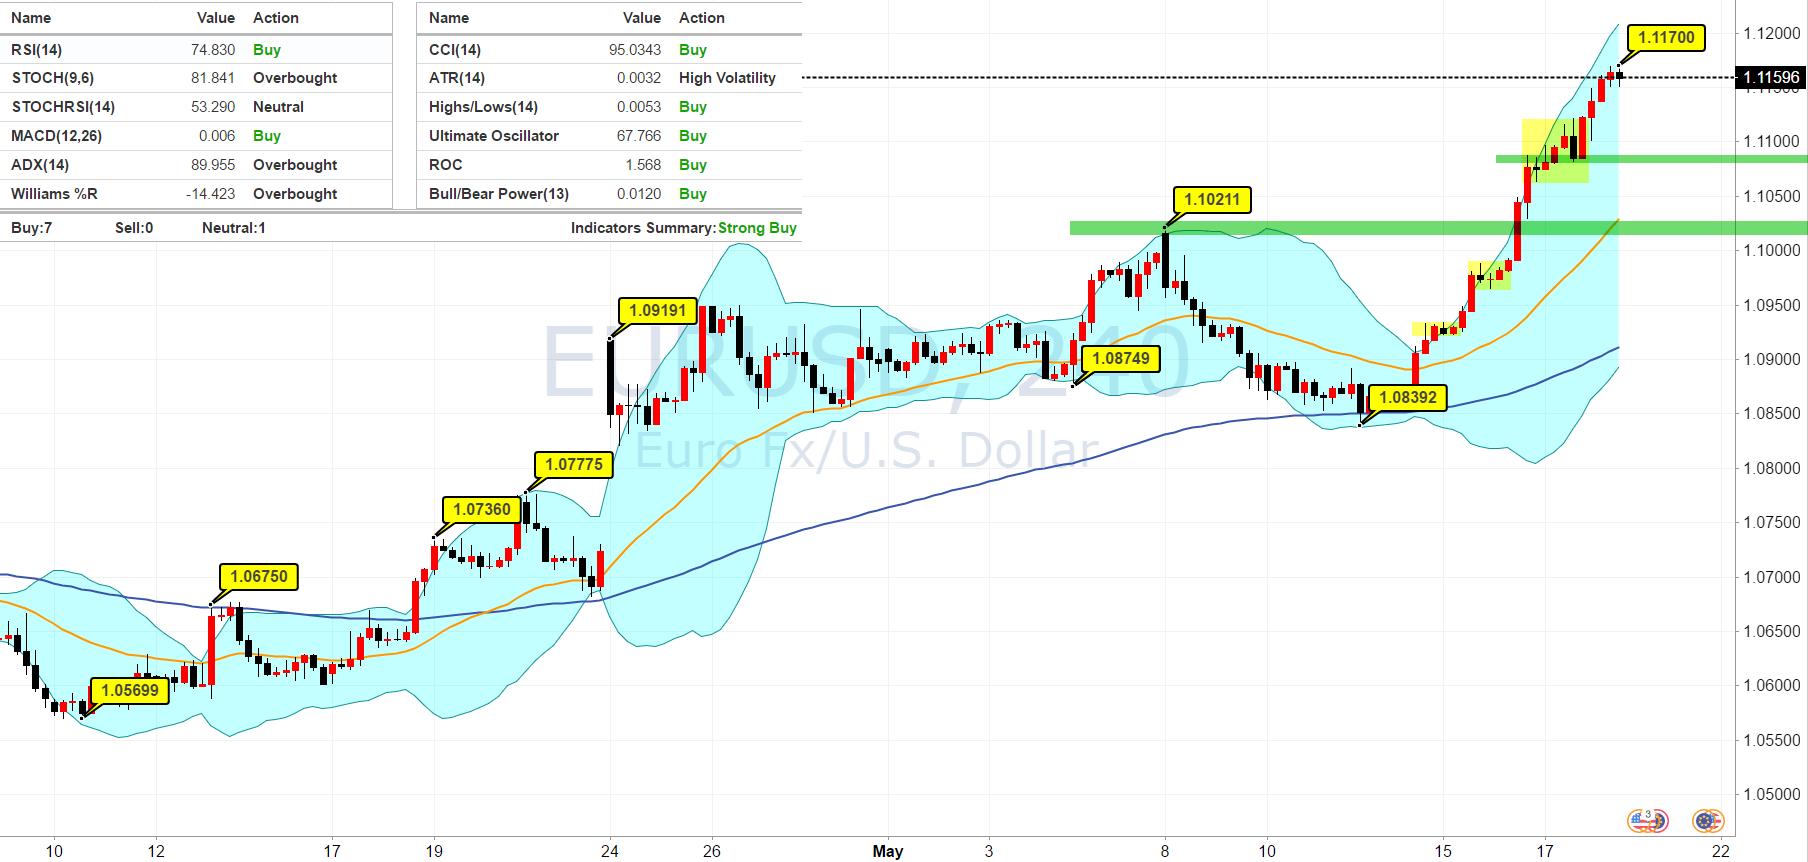 郭凯:一骑绝尘看欧元 趋势行情当顺风满舵